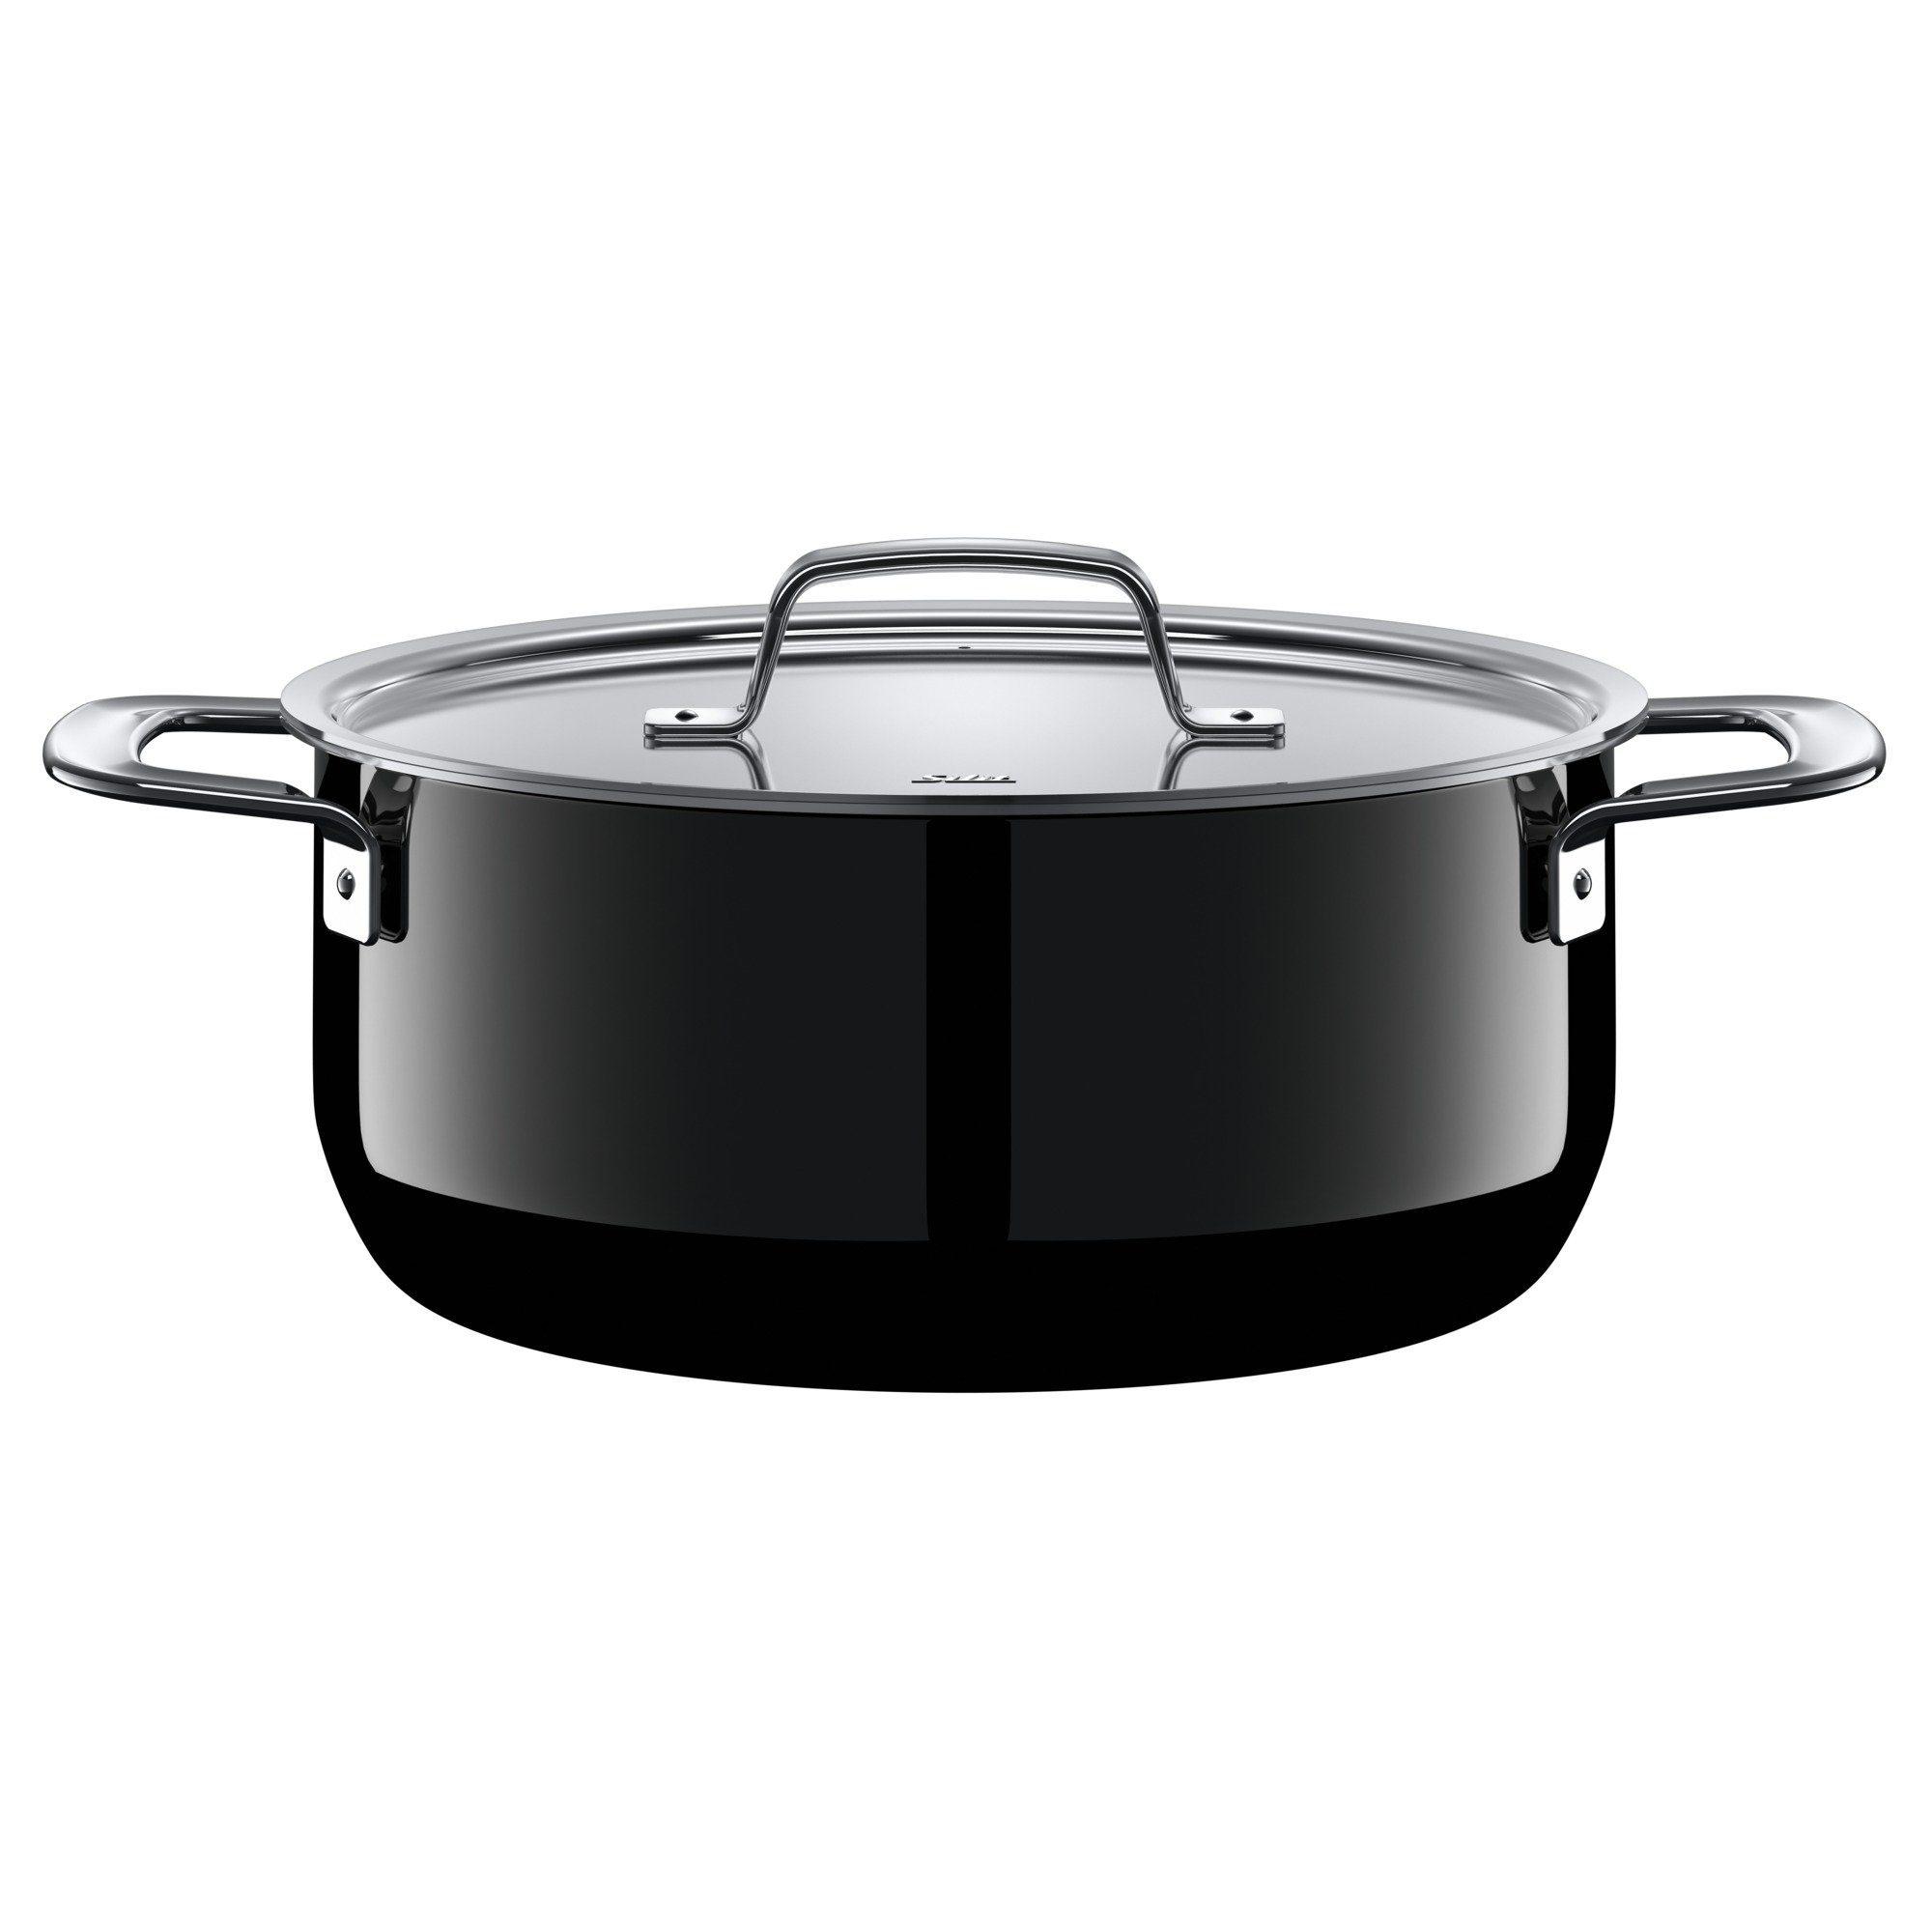 Silit Kochtopf mit Deckel, Silargan, induktionsgeeignet »Zeno Black«   Küche und Esszimmer > Kochen und Backen > Töpfe   Mehrfarbig   SILIT